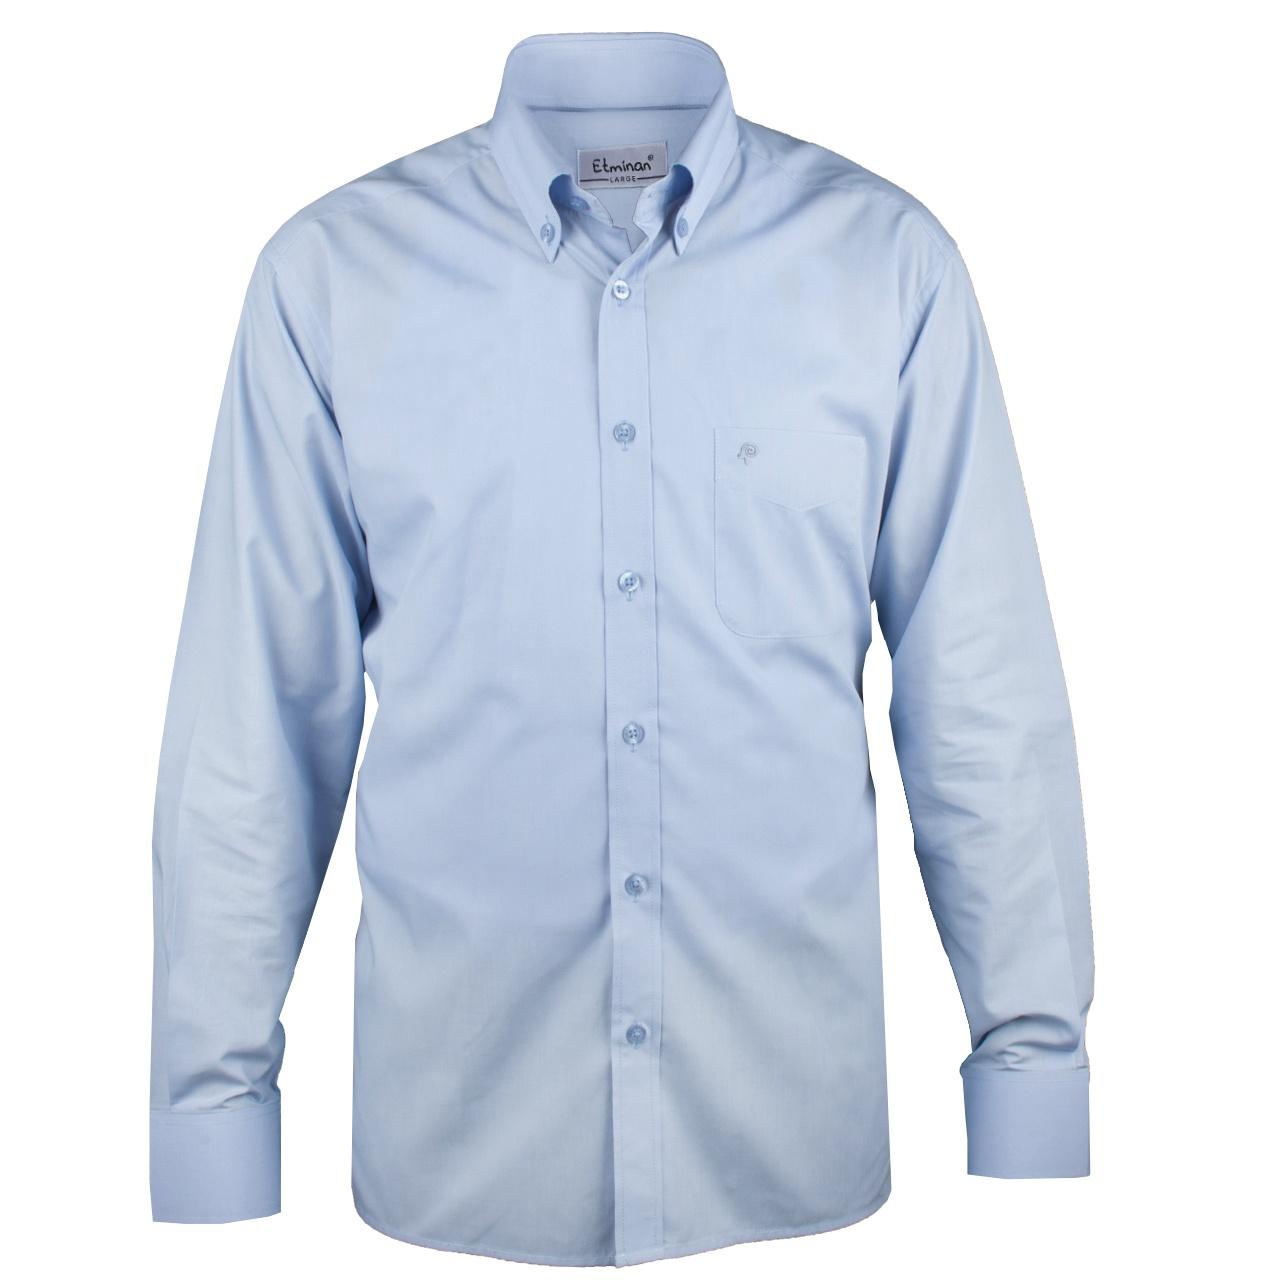 پیراهن آستین بلند مردانه اطمینان مدل مدیر